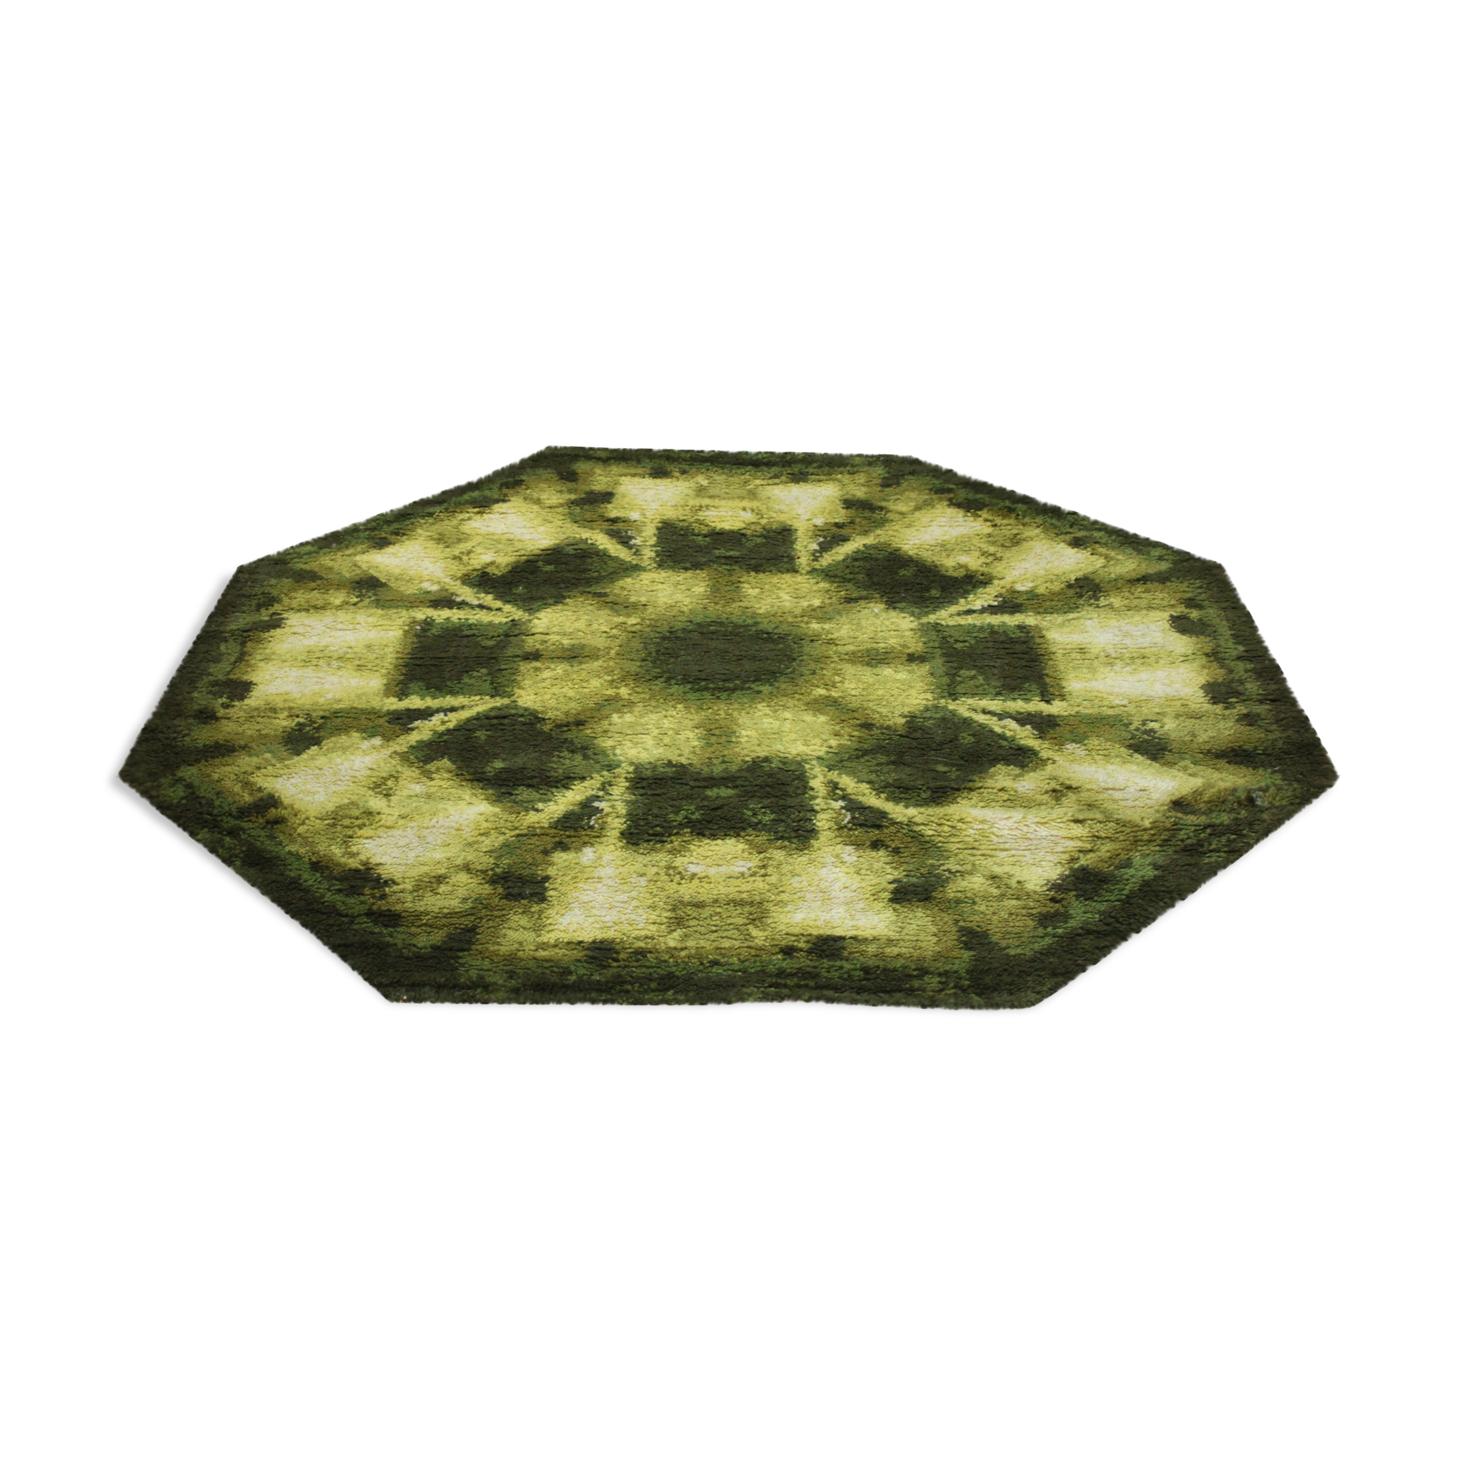 Tapis octogonal en laine décor d'espace vert «Capri» de Louis Depoortere, Belgique années 1970.